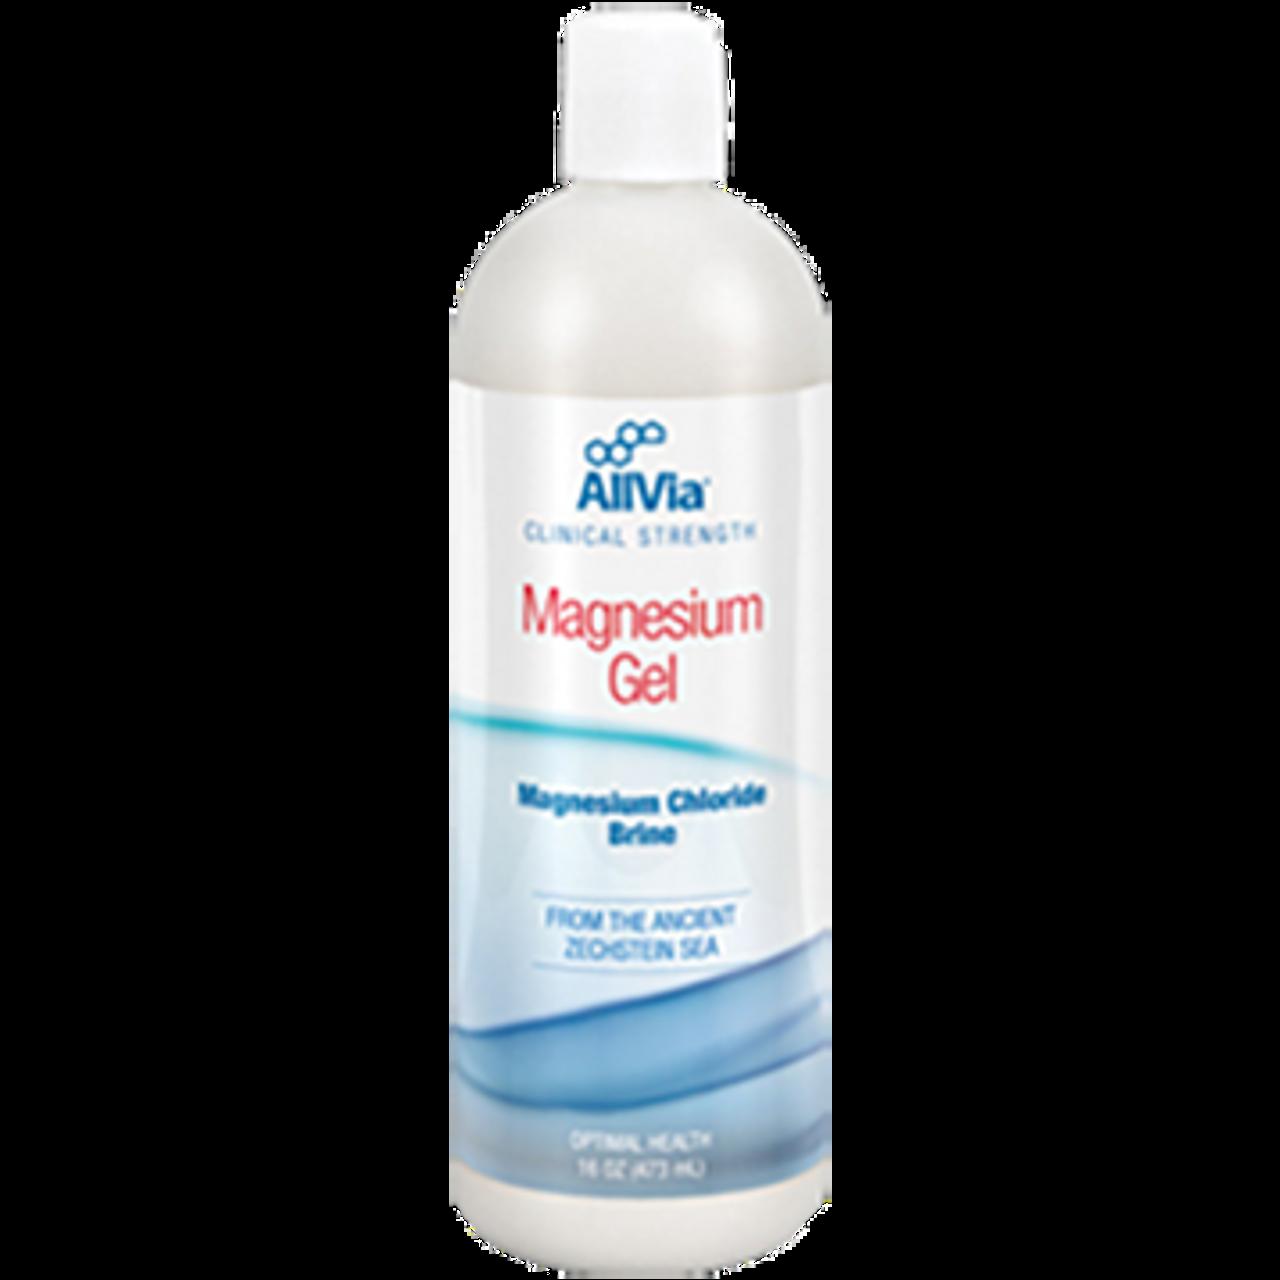 AllVia Magnesium Gel 16 oz